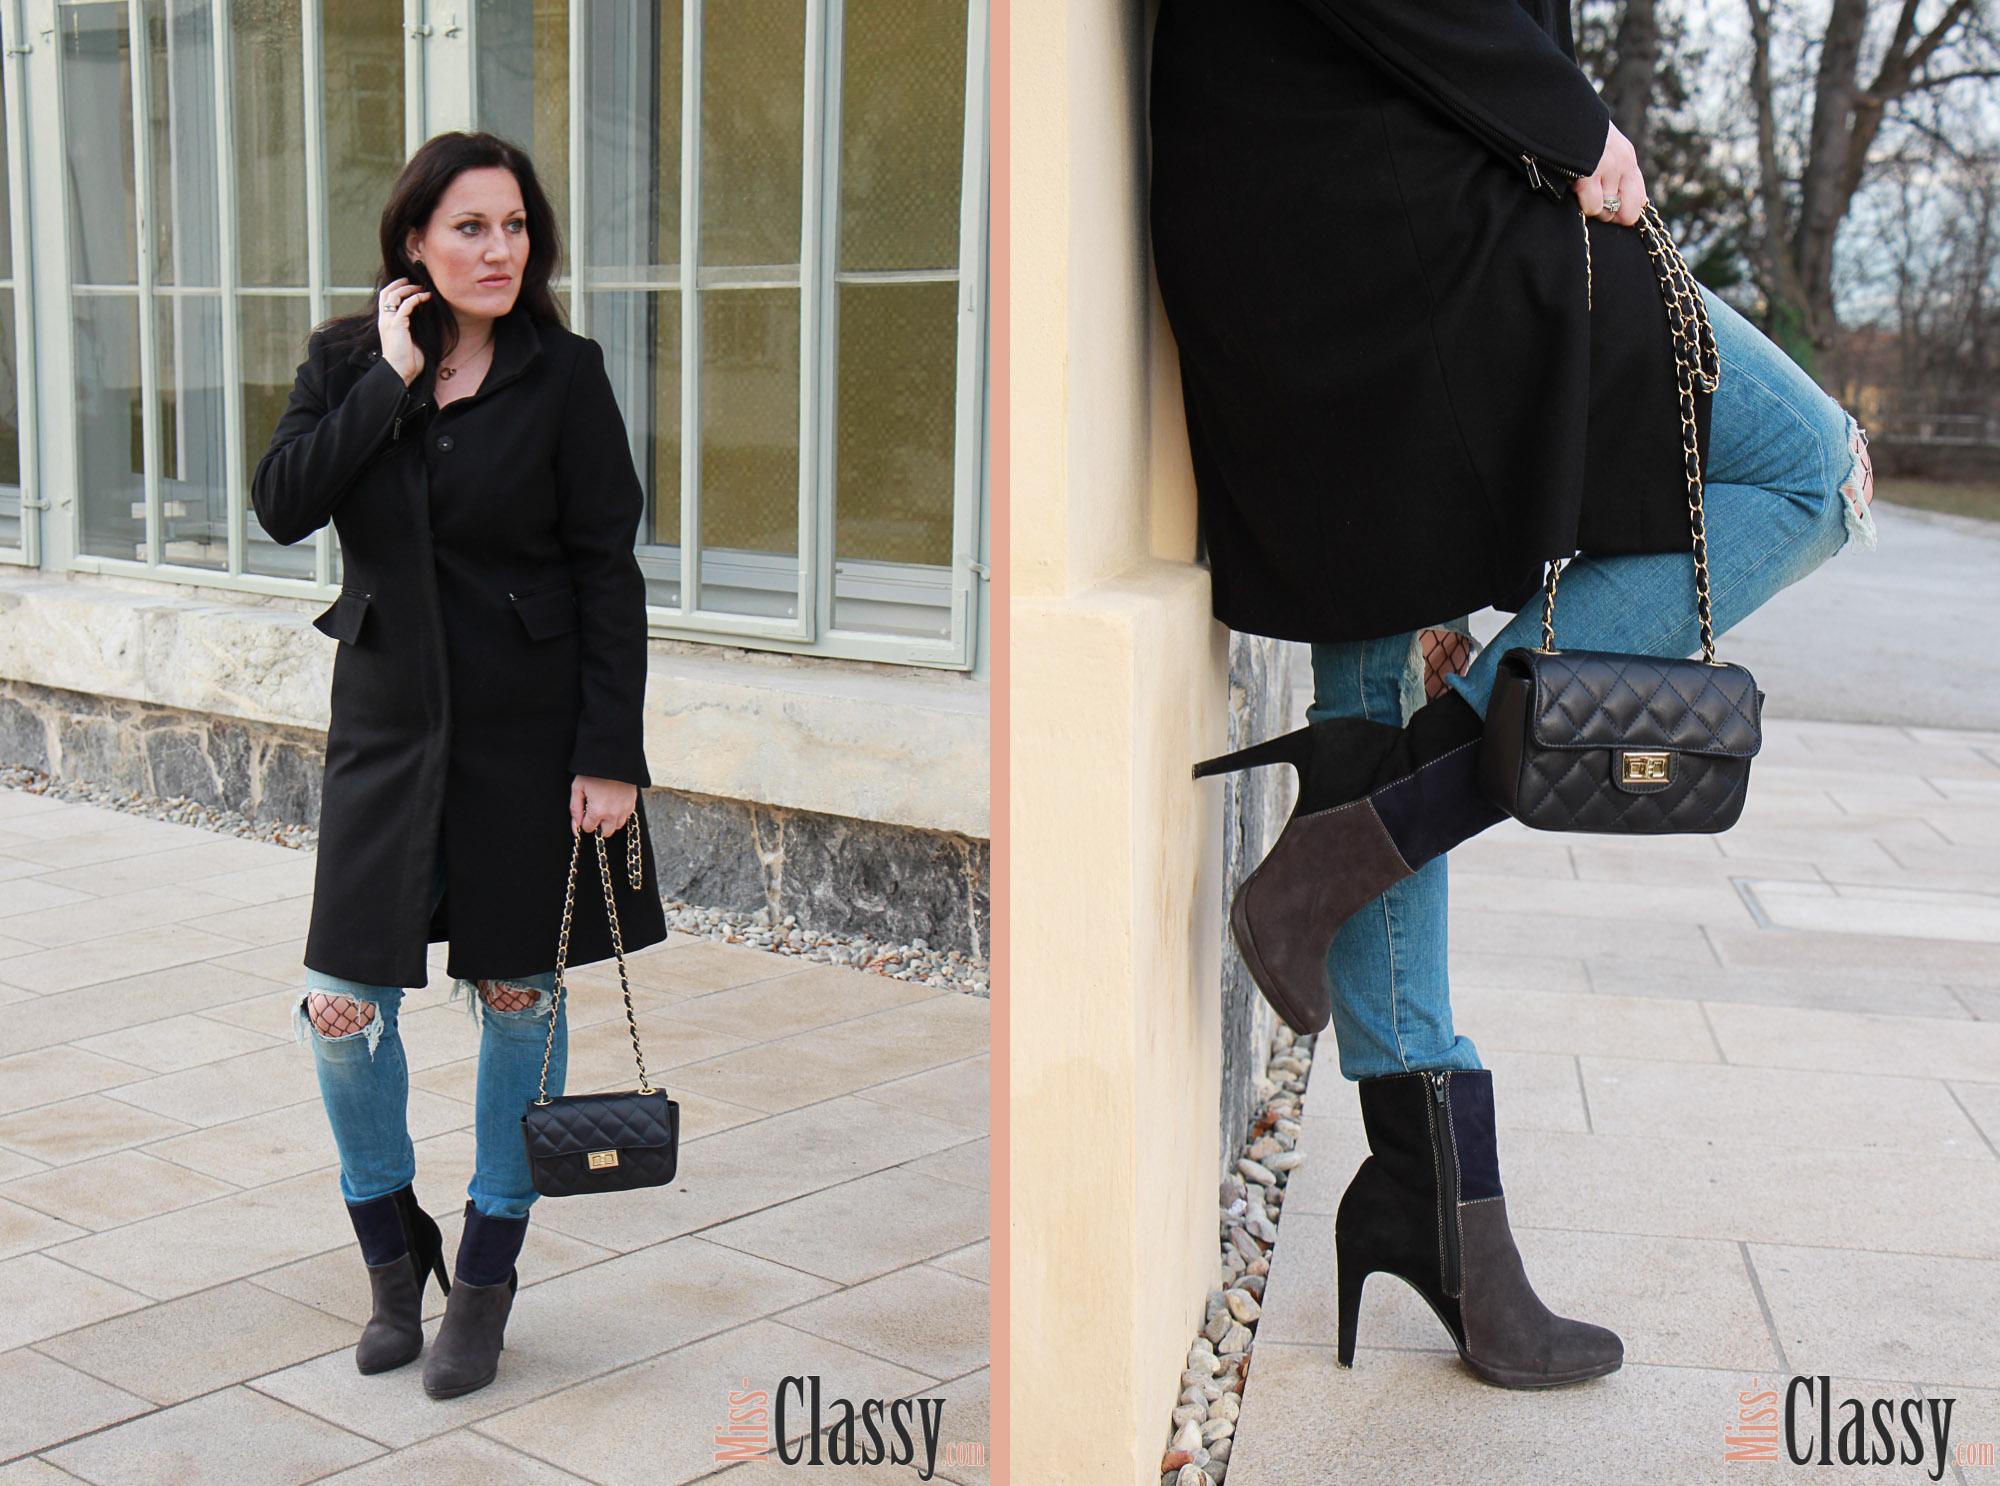 OUTFIT Destroyed Jeans mit Netzstrumpfhose und 3-färbigen Stiefeletten, Miss Classy, miss-classy.com, Fashionblog, Fashionblogger, Fashionblog Graz, Lifestyleblog Graz, Graz, Steiermark, Österreich, classy, beclassy, classy Fashion, Wollmantel Esprit, Destroyed Jeans, Netzstrumpfhose, blaue Handtasche, Stiefeletten, blau-graz-schwarze Stiefeletten, 3-färbige Stiefeletten, Lazzarini, Humanic, Orangerie Graz, Burggarten Graz, Schloßberg, Uhrturm